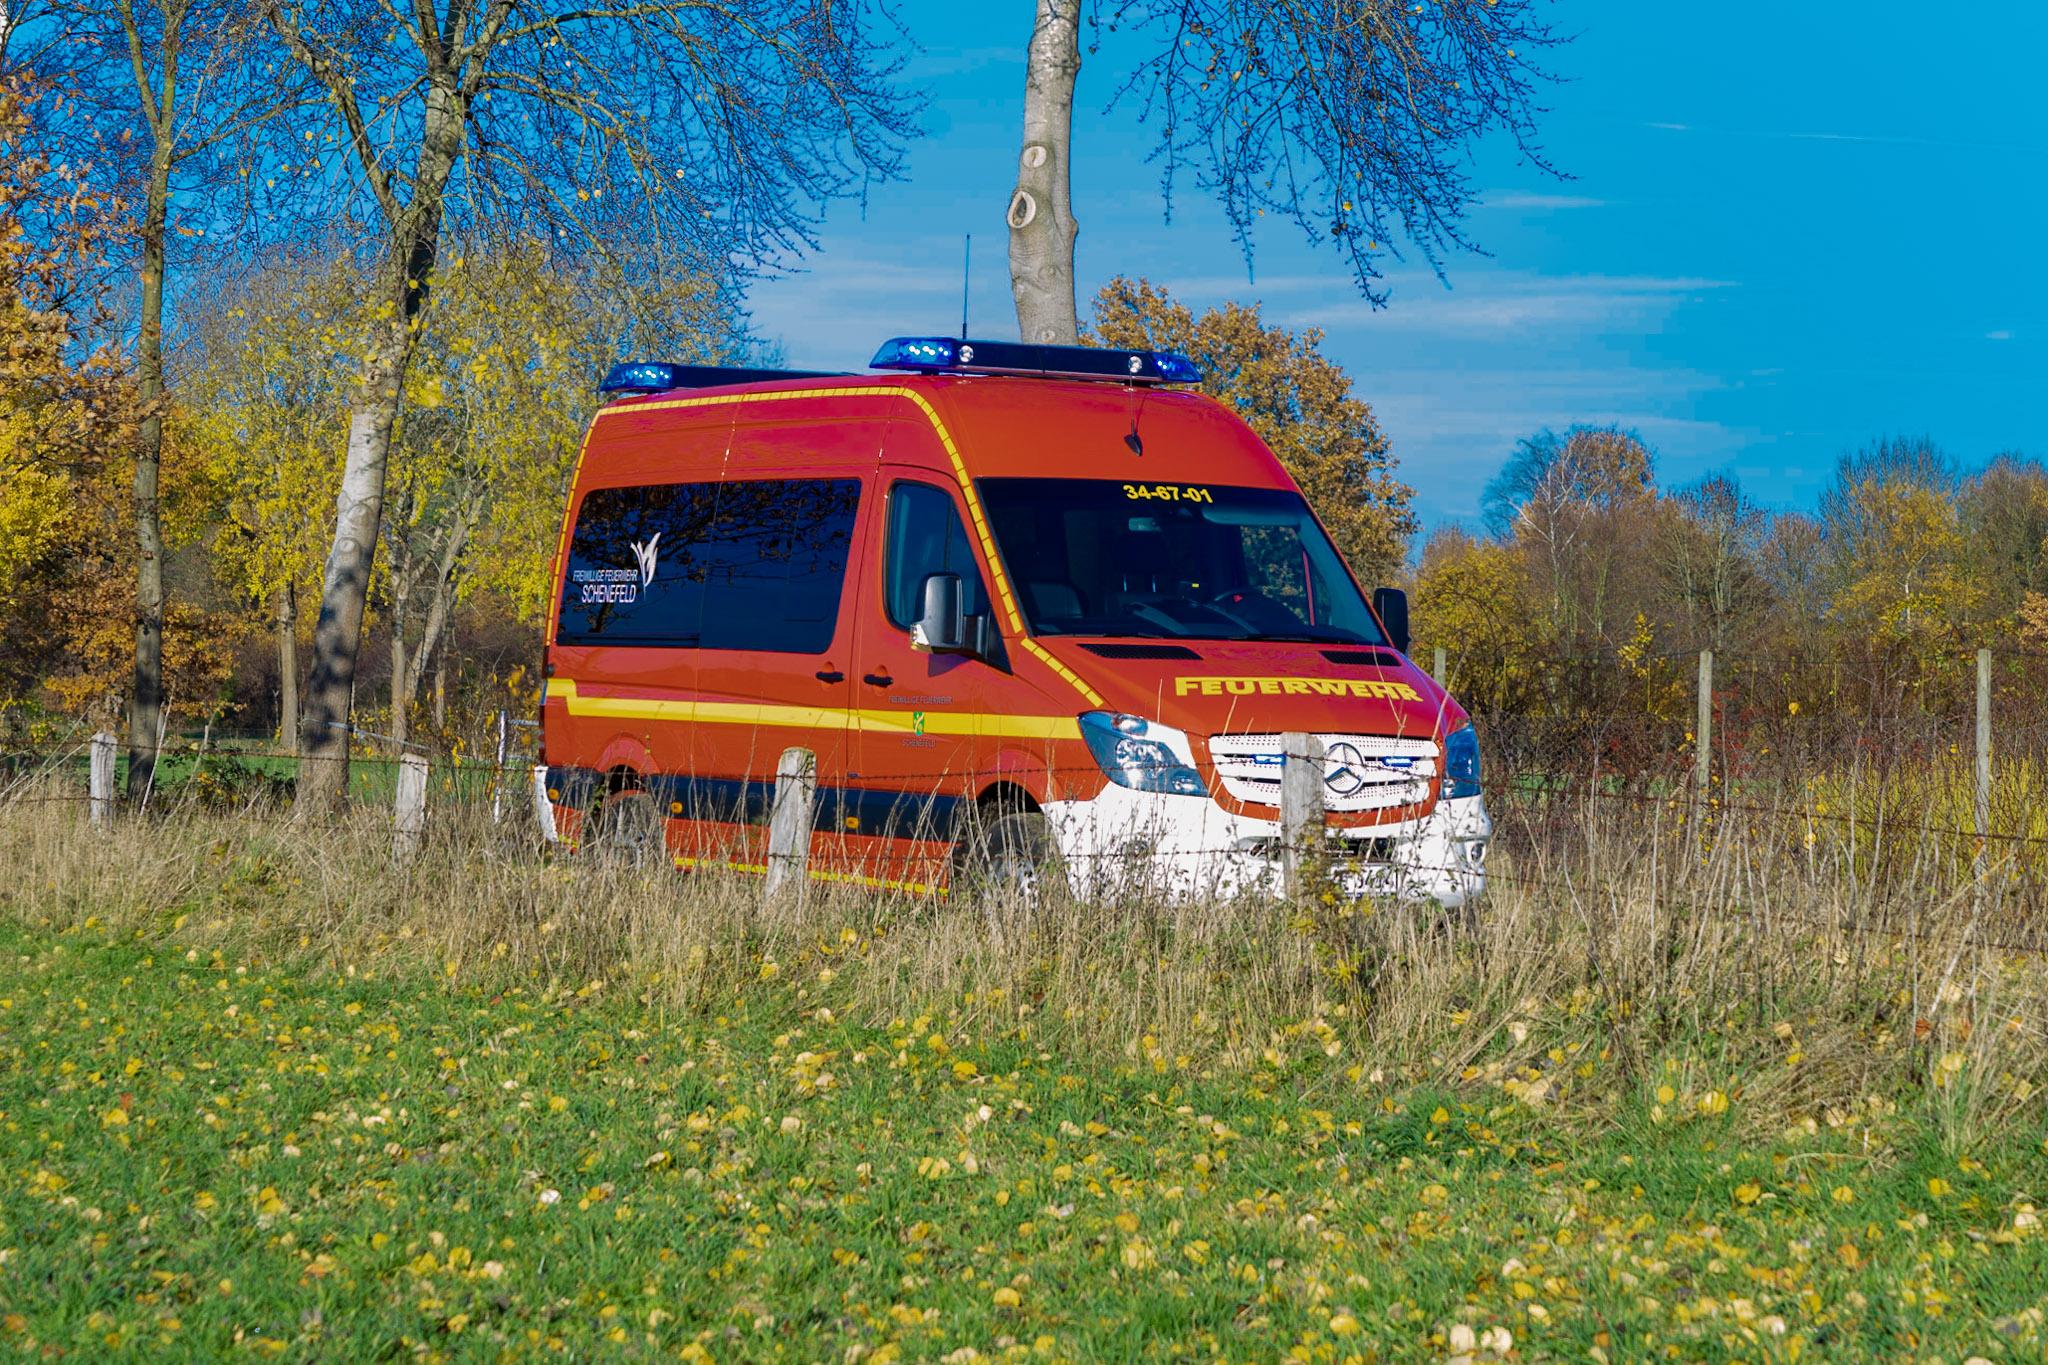 GW-L 1 - Feuerwehr Schenefeld